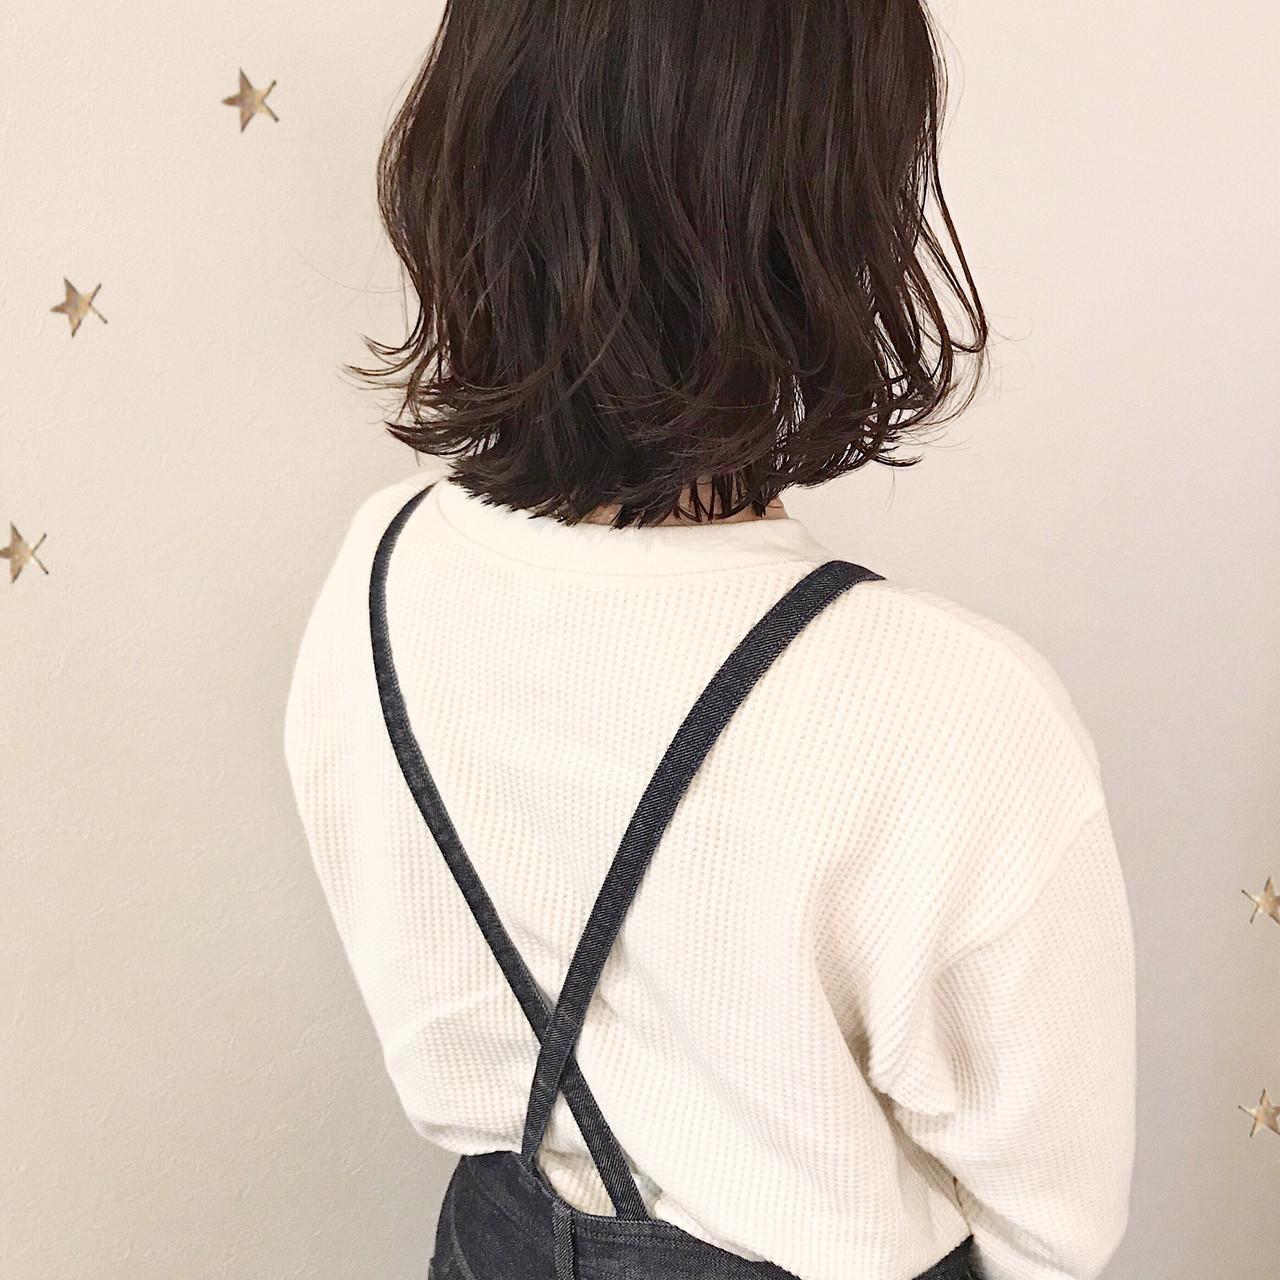 切りっぱなしボブ ミディアム 伸ばしかけ アンニュイほつれヘア ヘアスタイルや髪型の写真・画像 | 市川千夏*札幌 / salon AKIRA